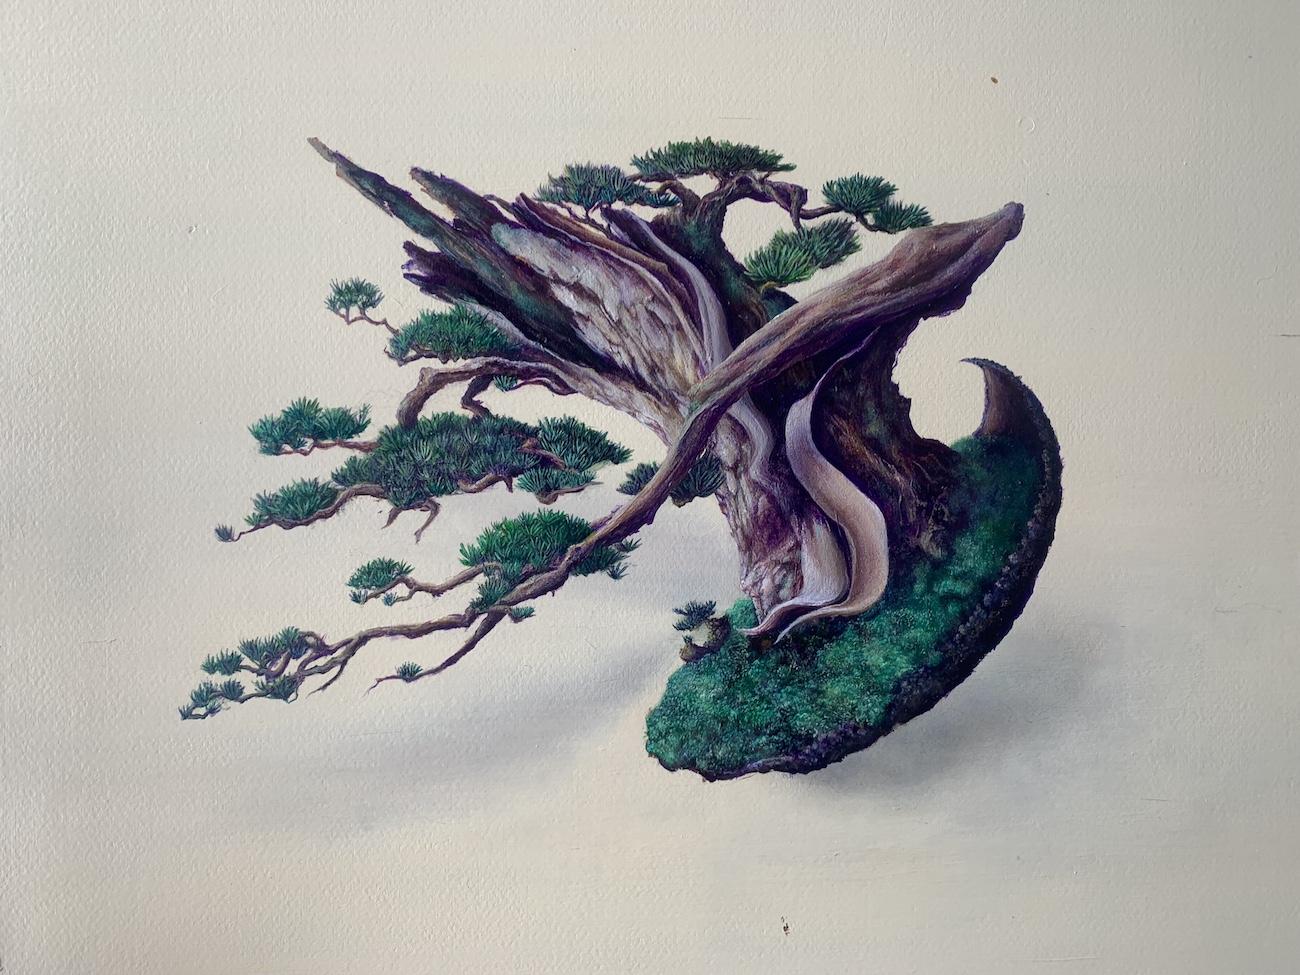 アクリル絵具で木の描き方の作業工程をお見せしましょう!盆栽は日本の心!